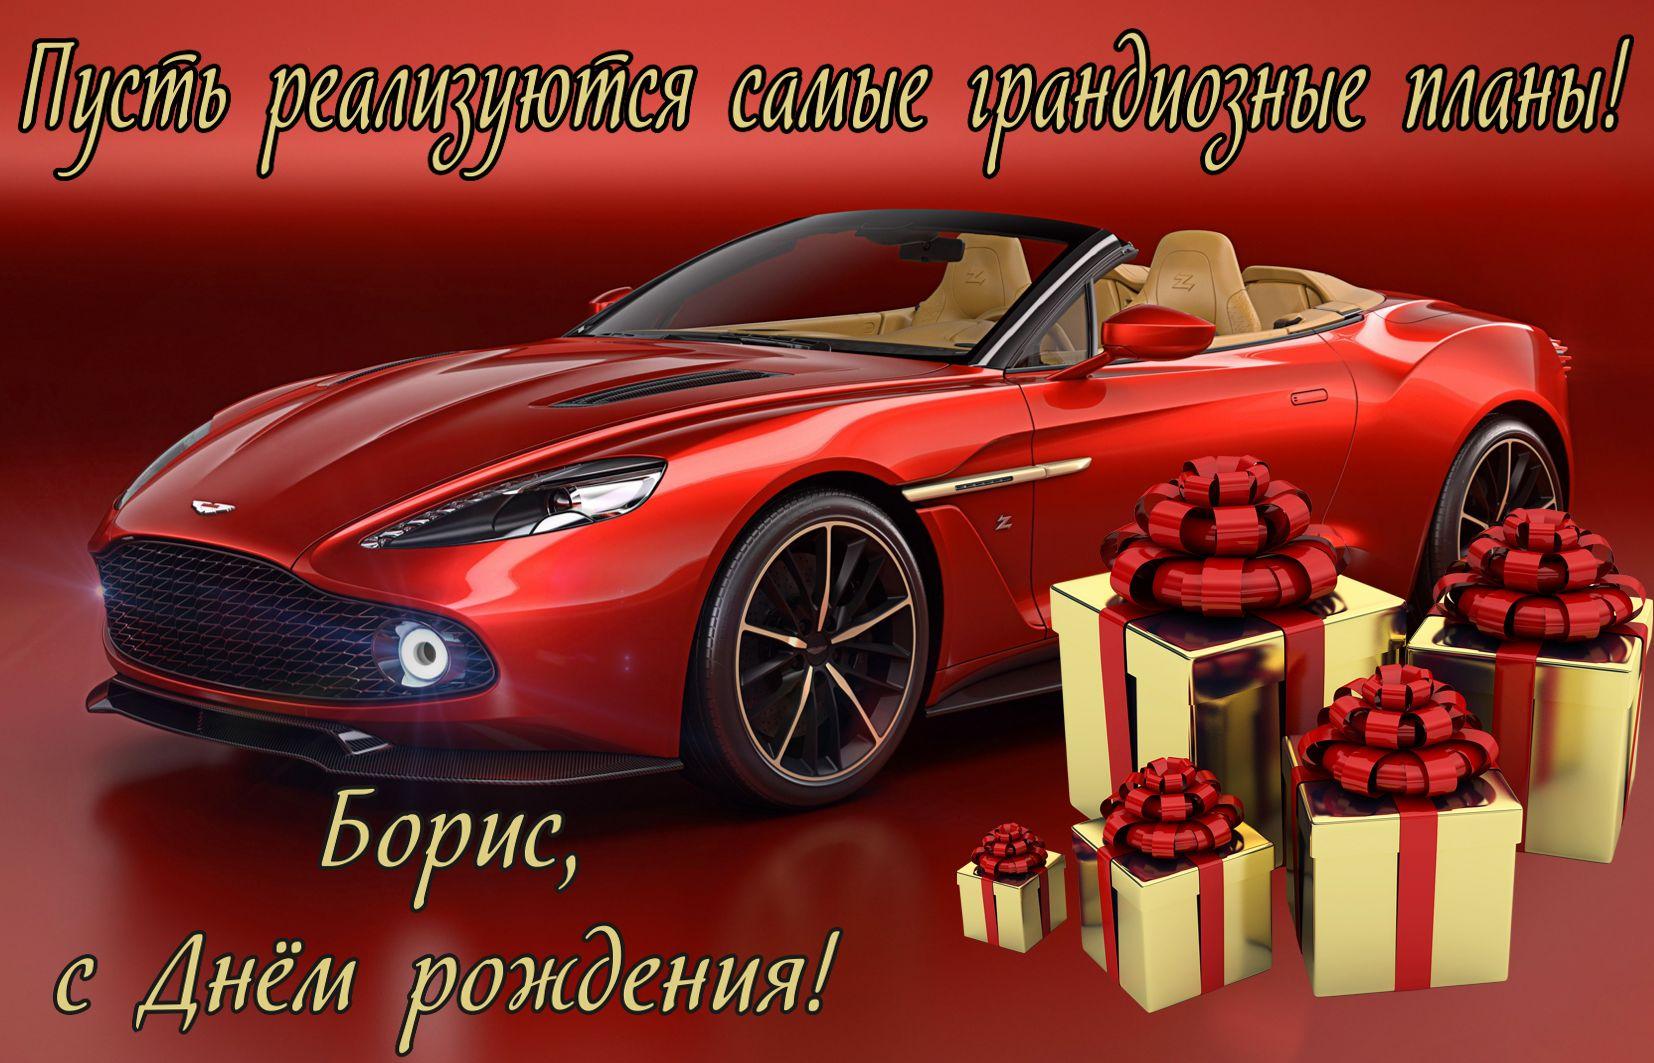 Поздравление с днем рождения как про машину